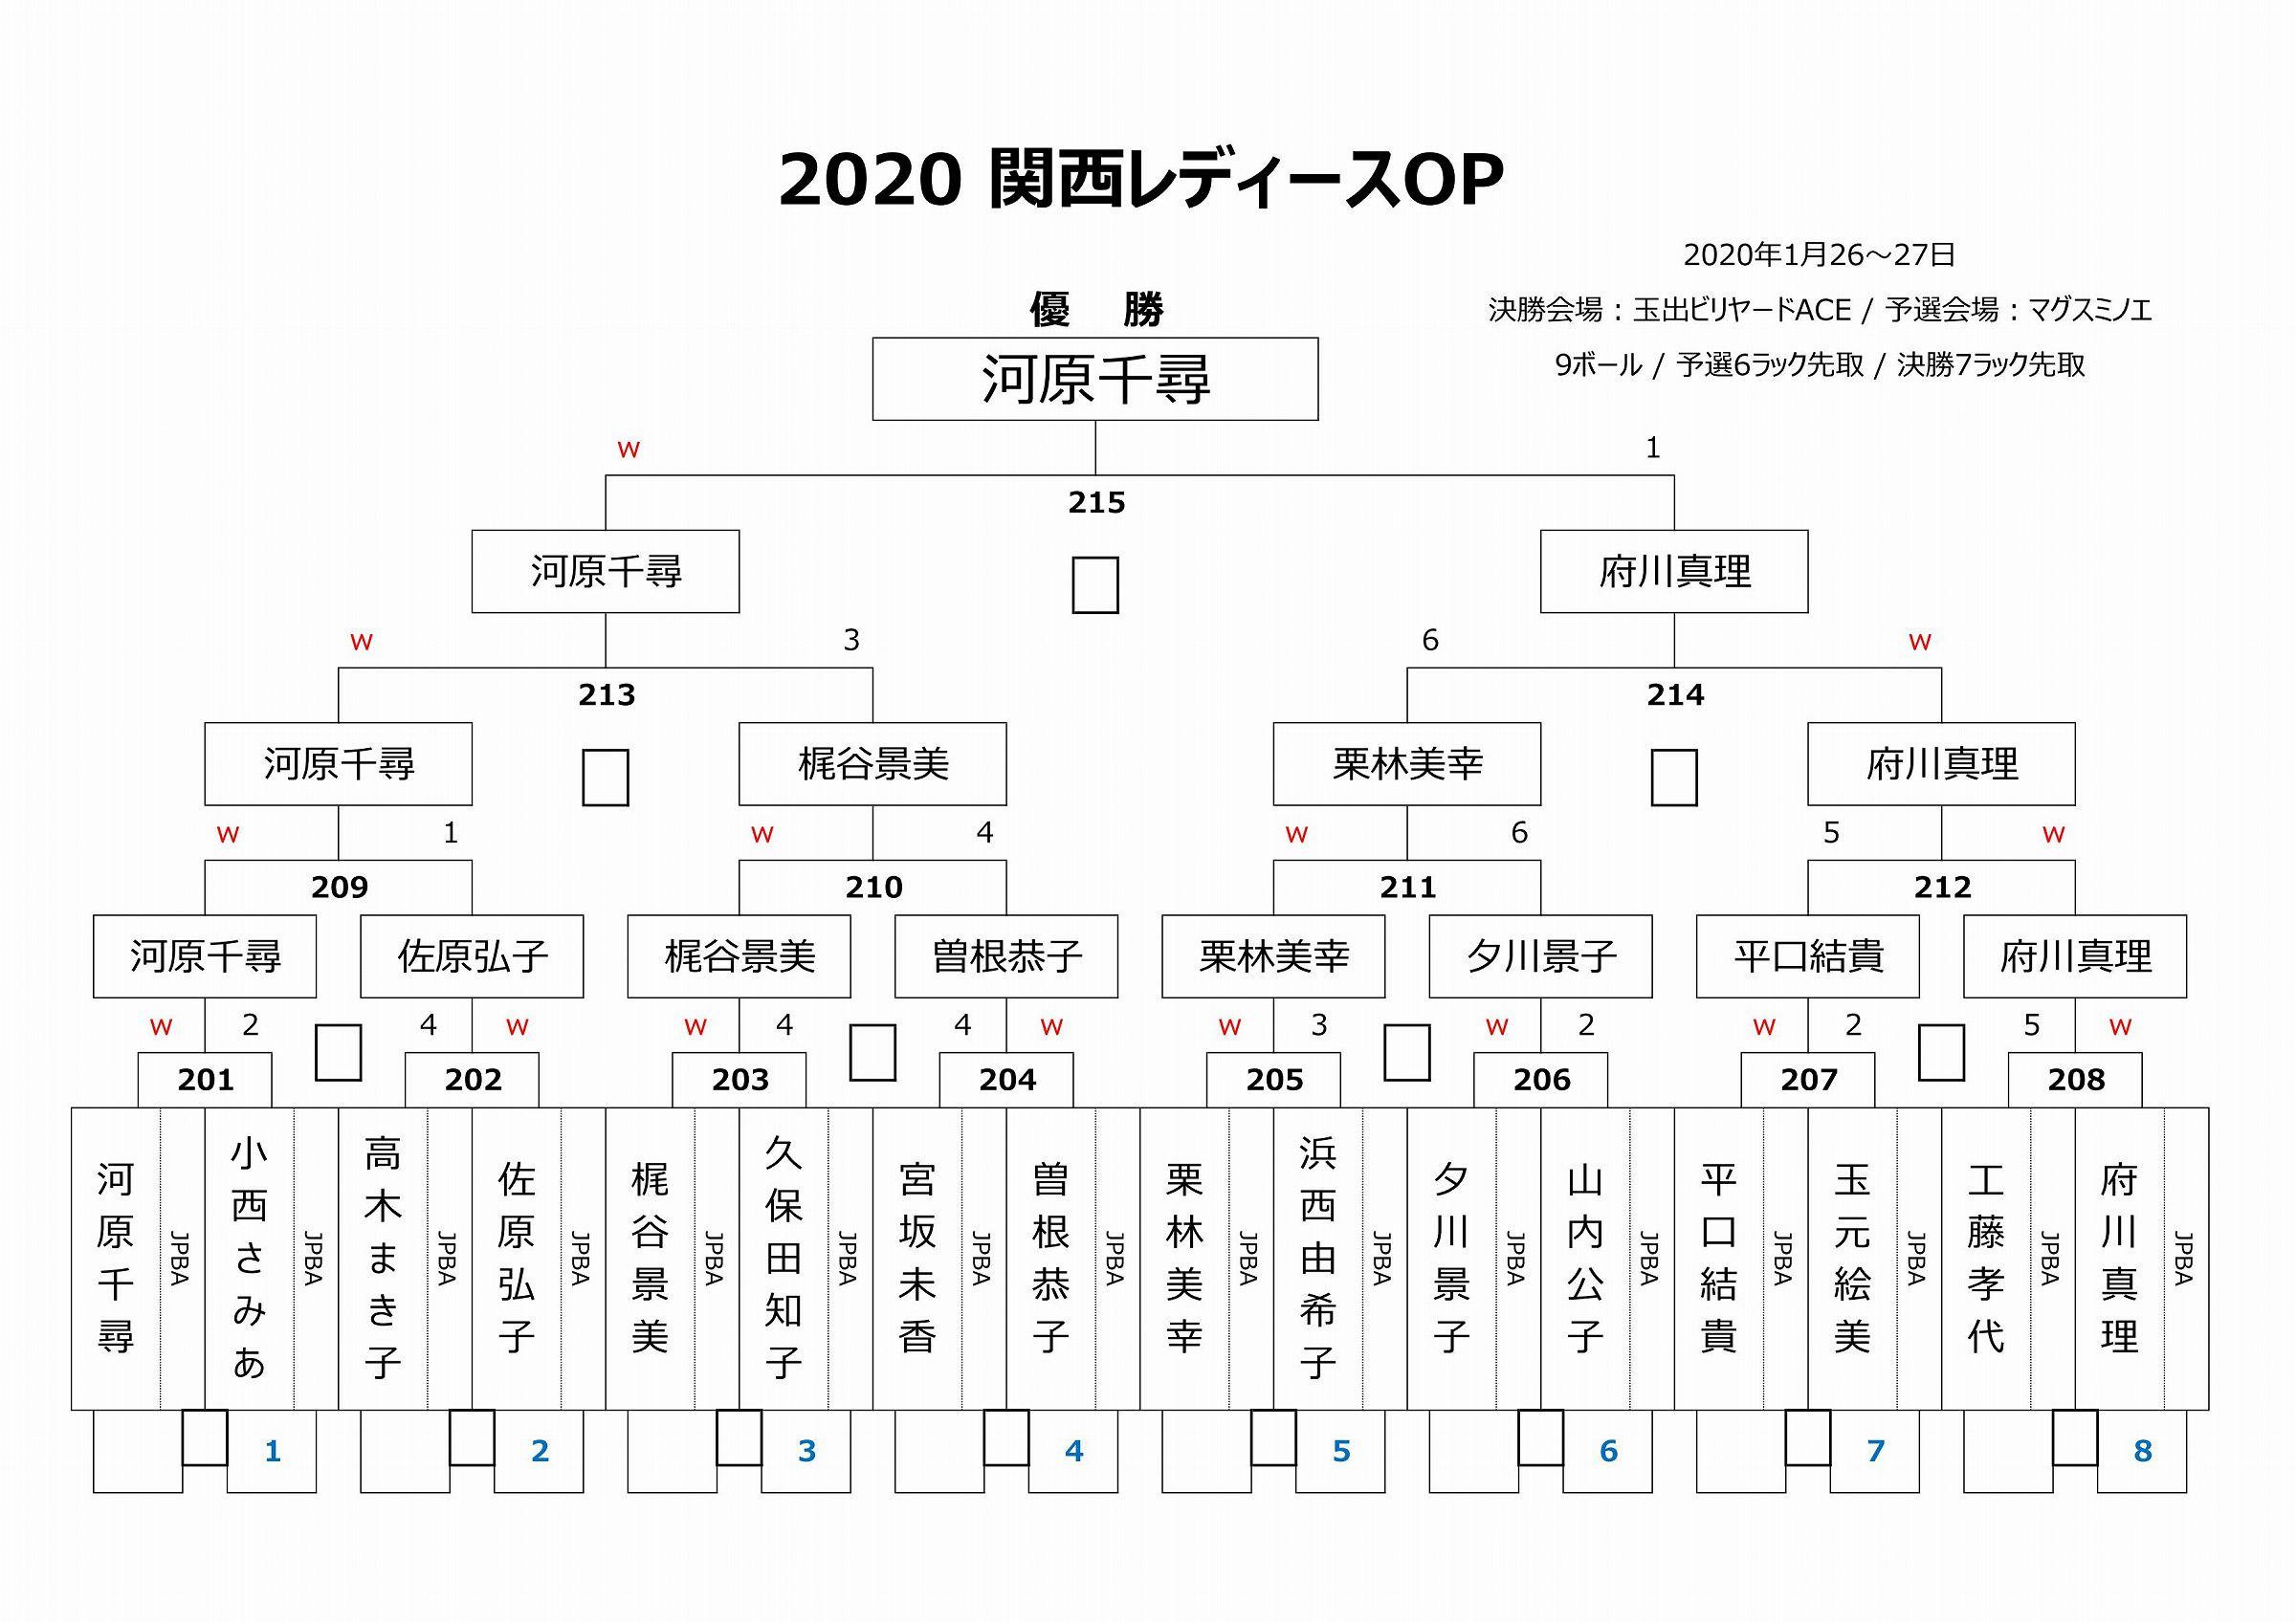 2020kansaiw.jpg